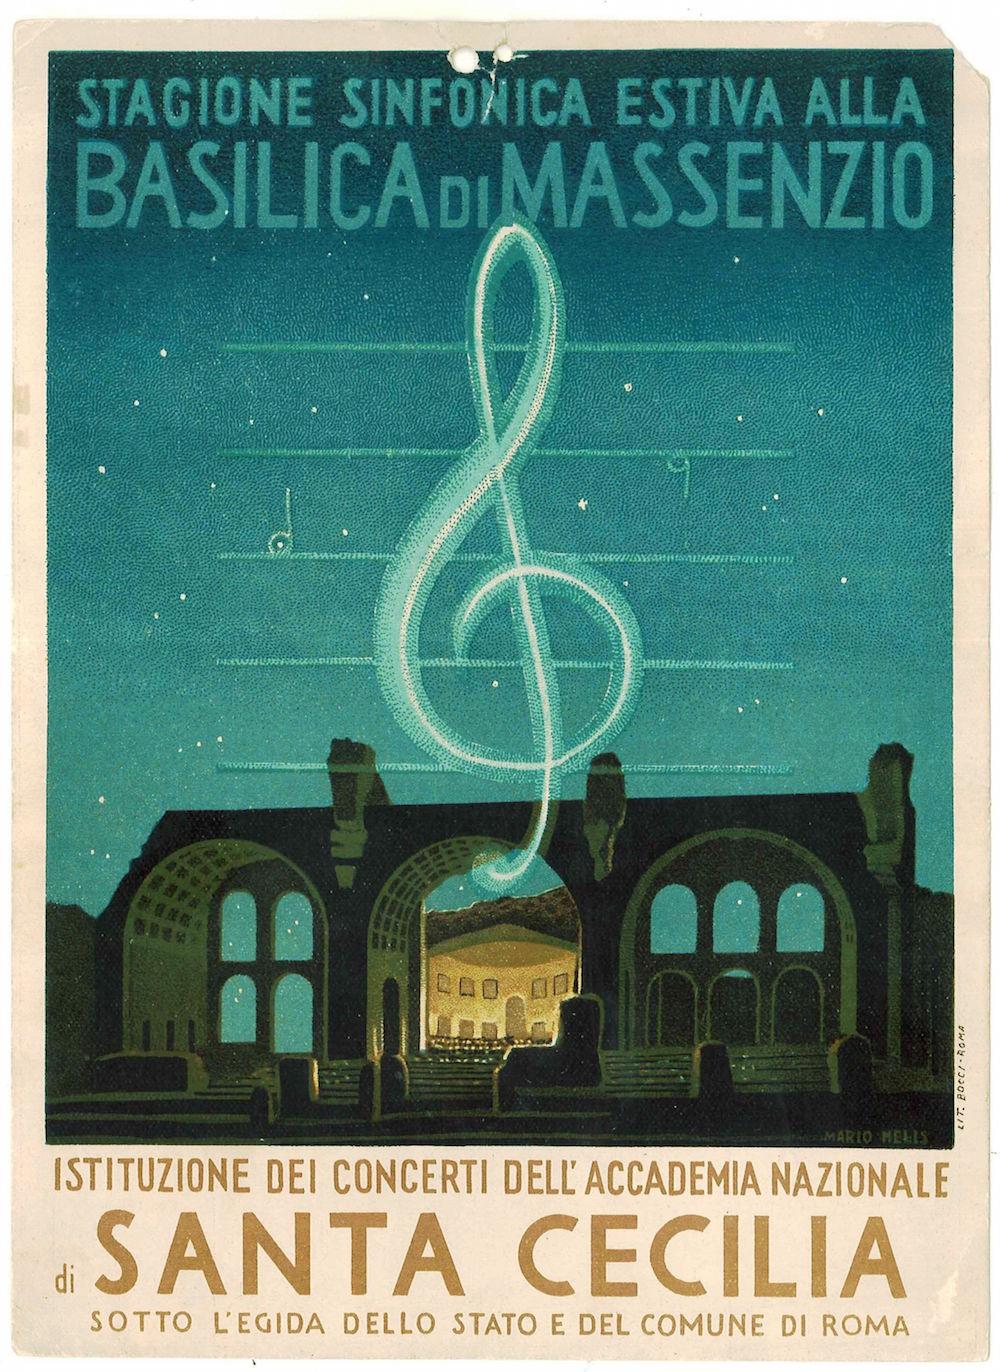 8-promoMassenzio_1951 copia